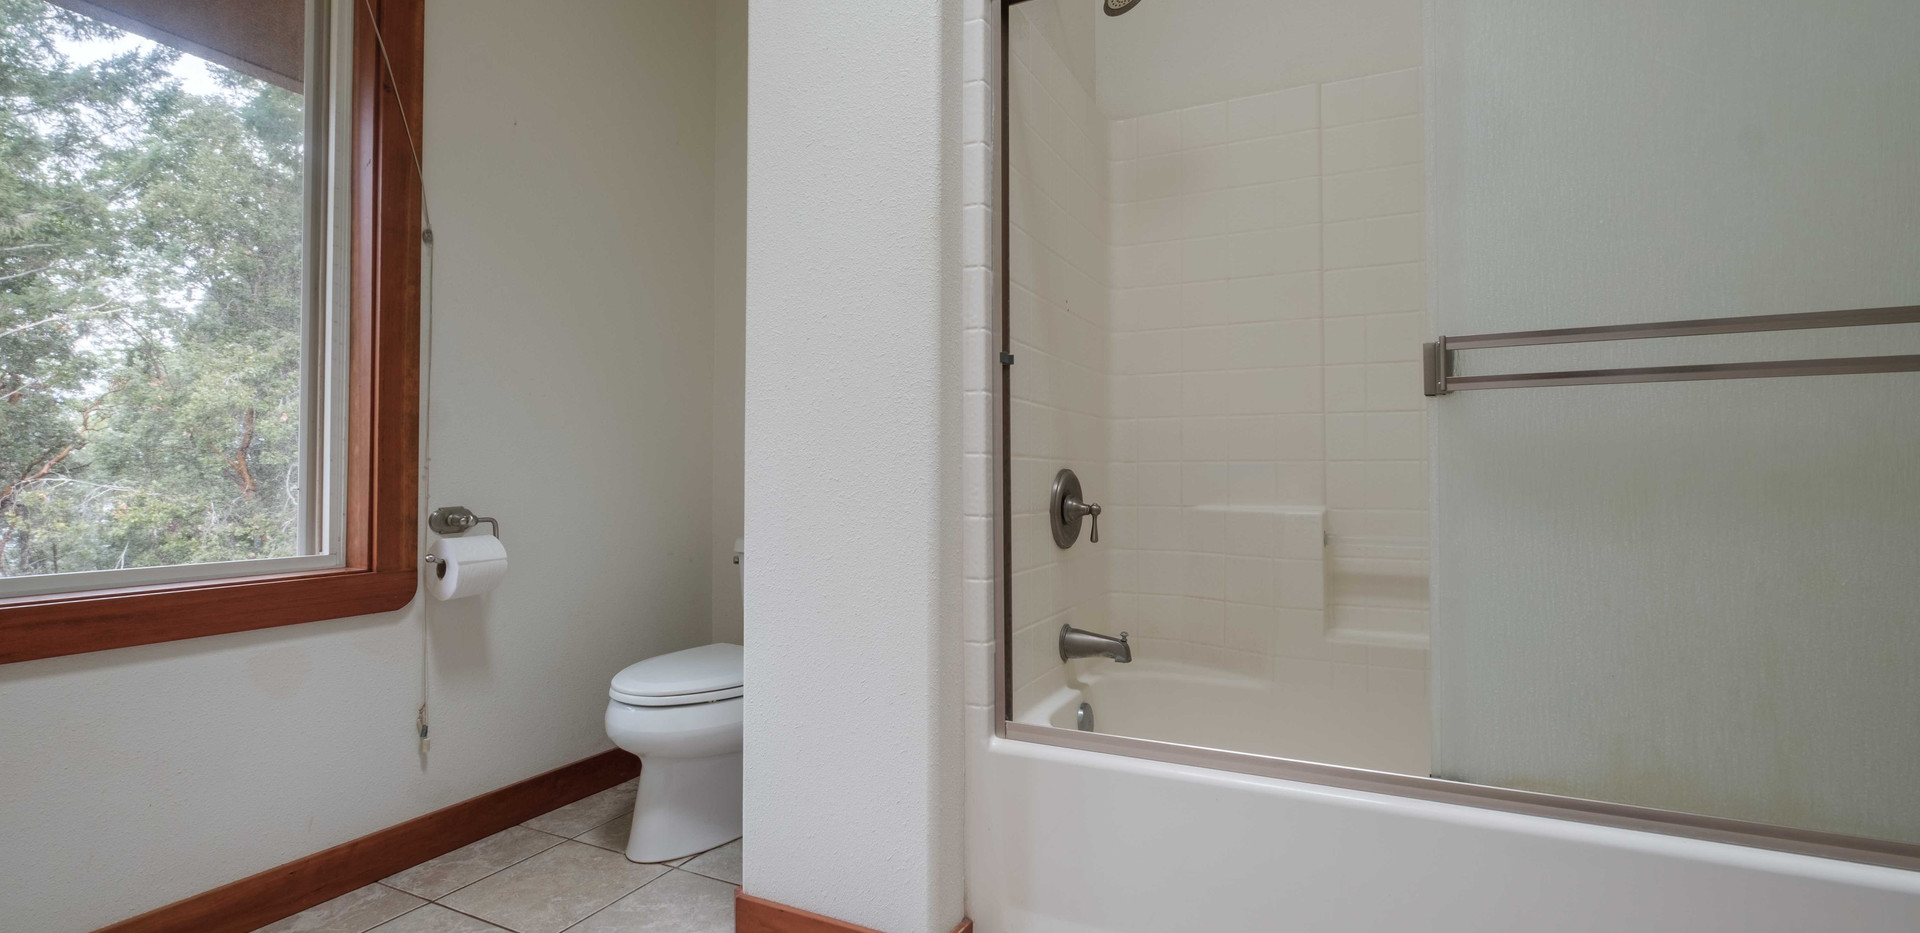 House_Up_Bath_03.jpg